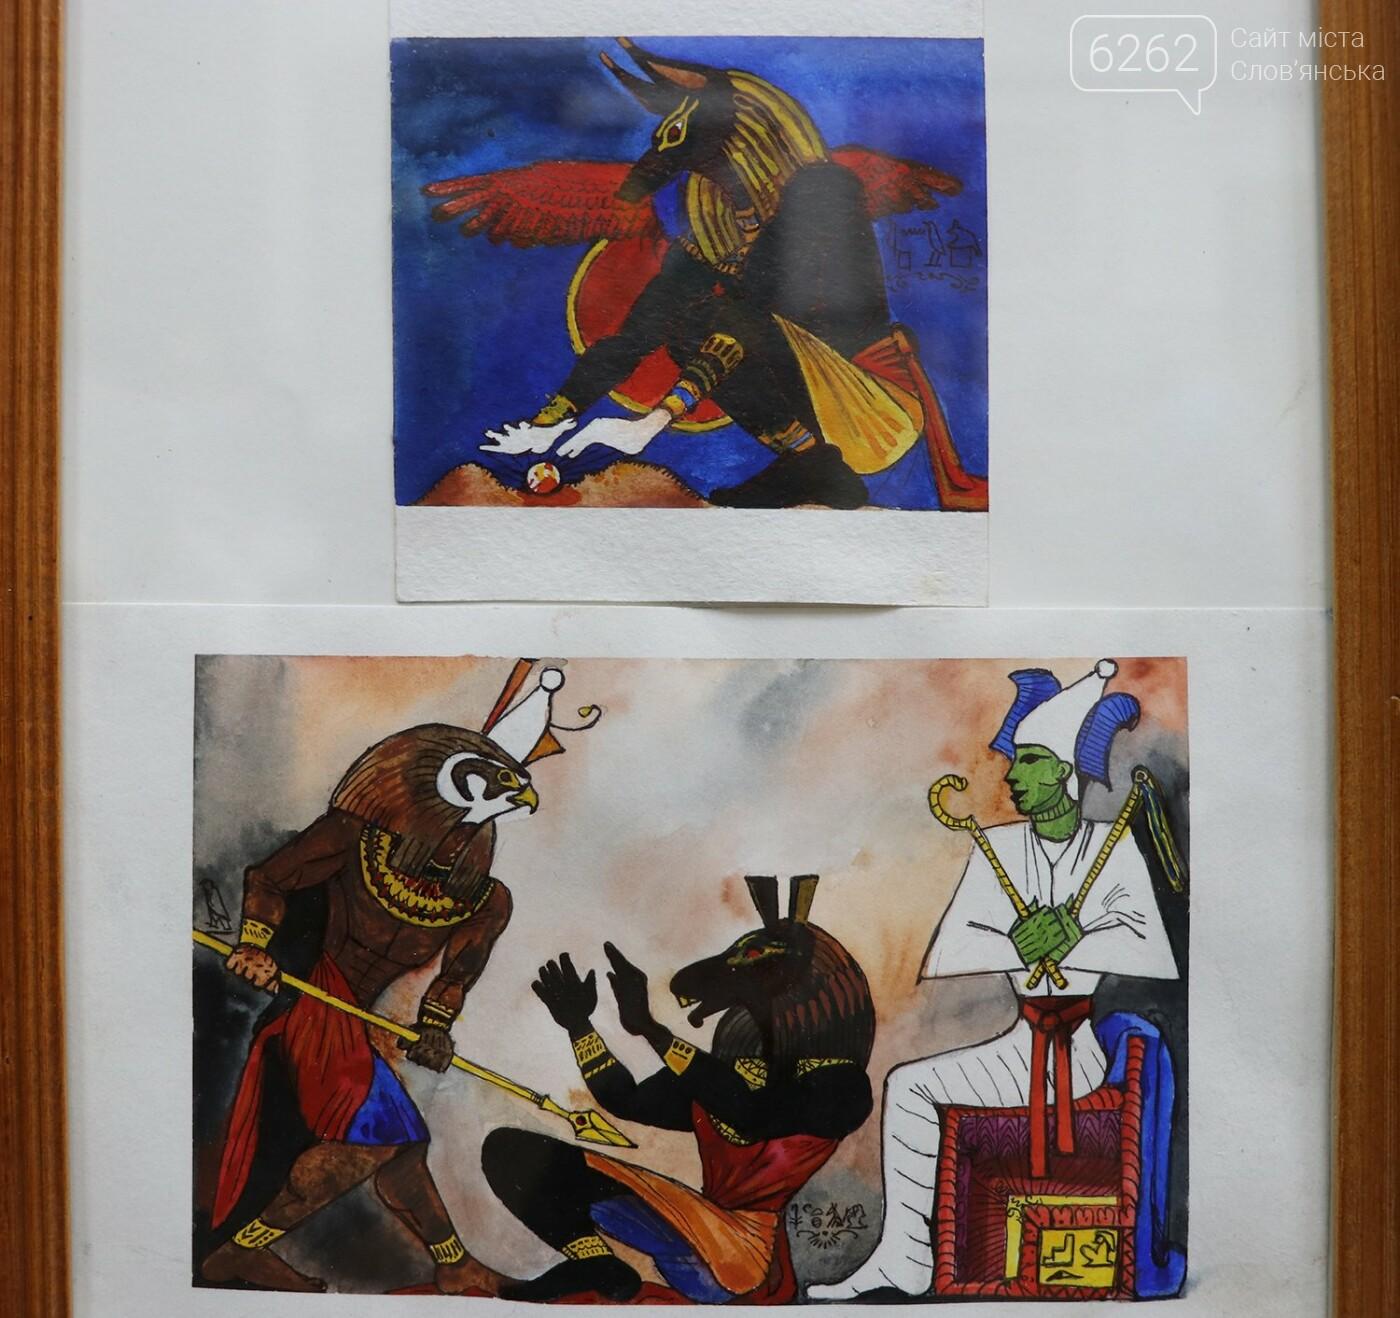 """Легенди Єгипту та казки - у музеї Слов'янська відкрилася виставка """"без олії"""", фото-2"""